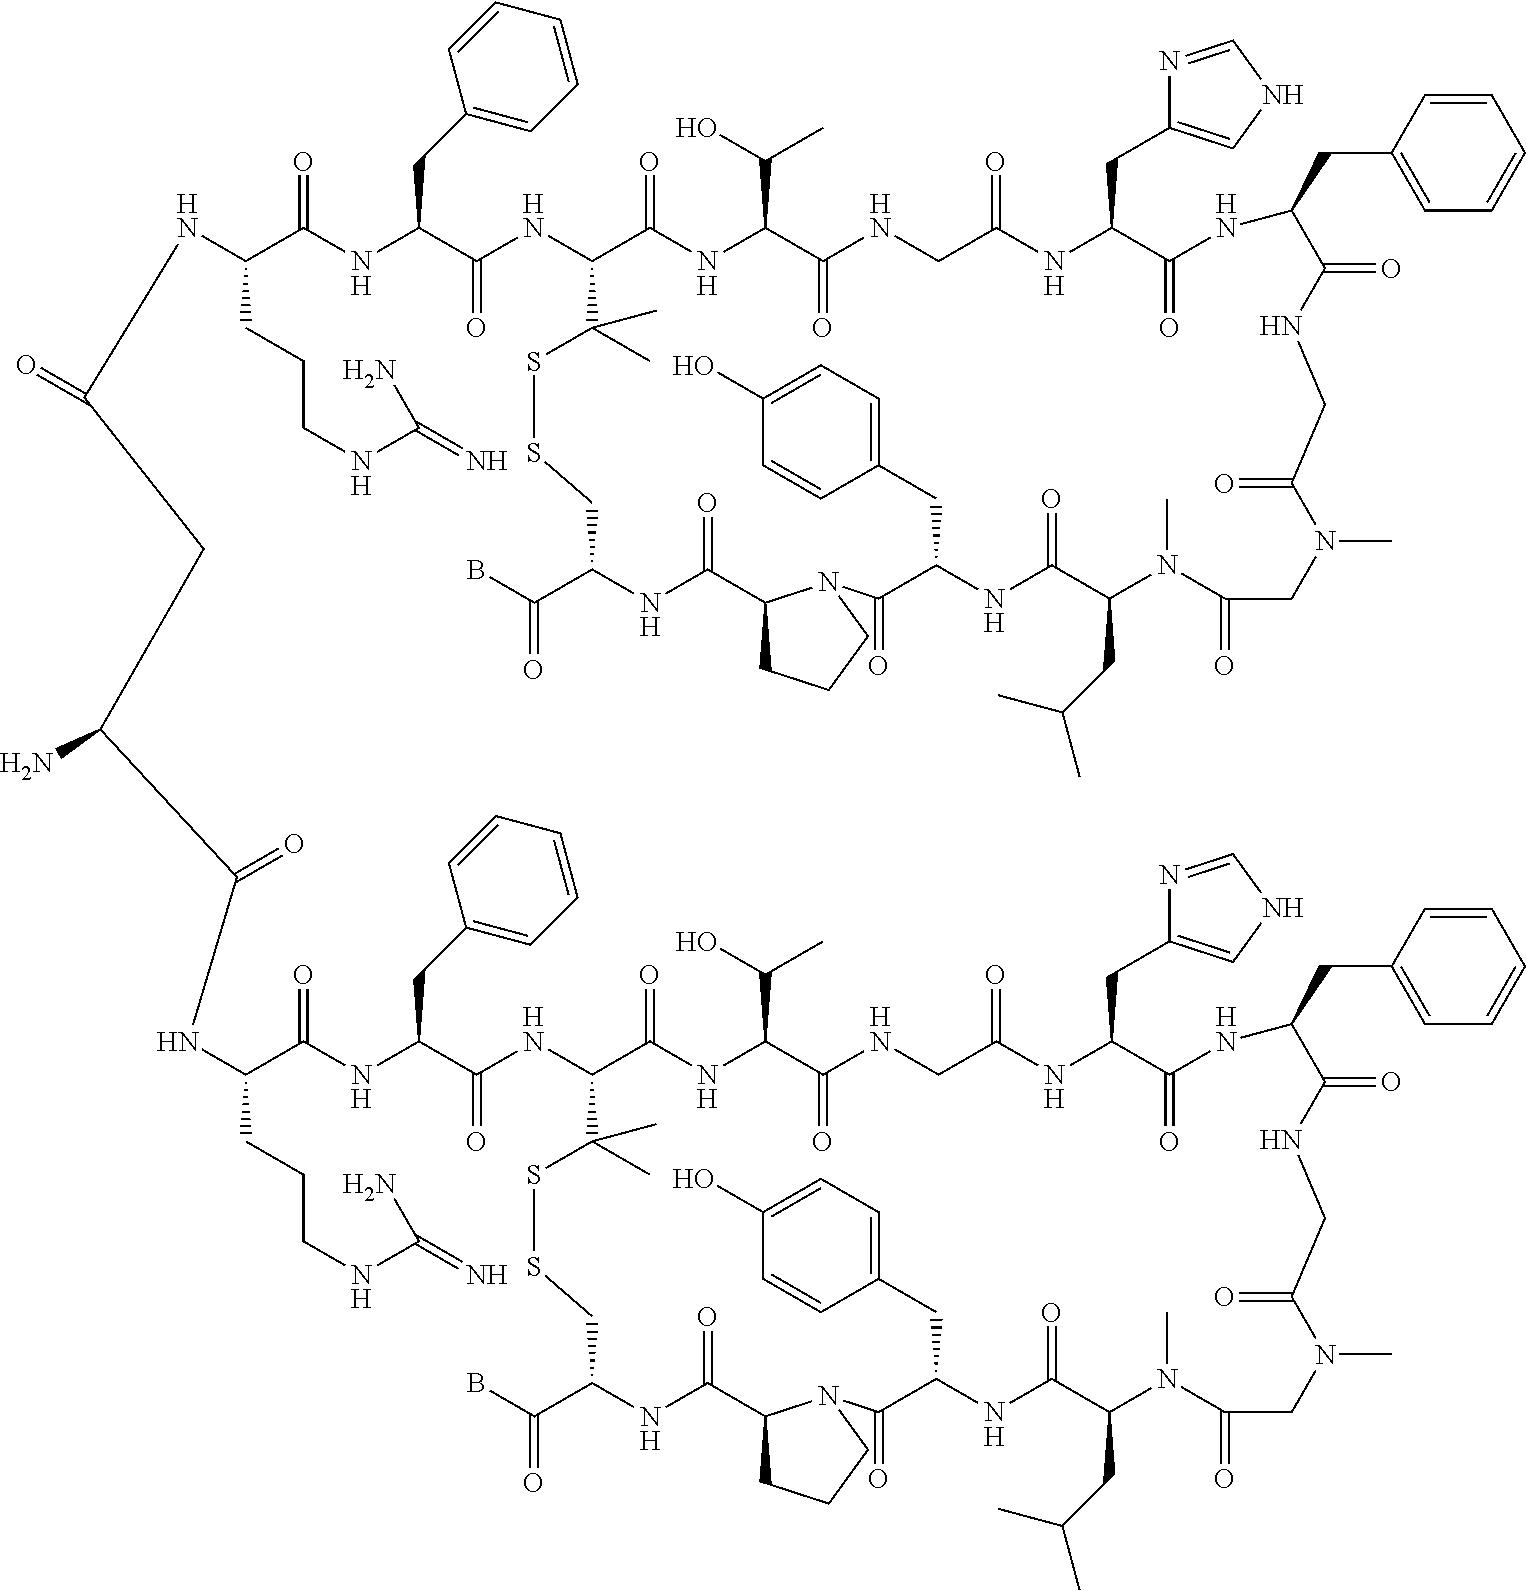 Figure US20110230639A1-20110922-C00025